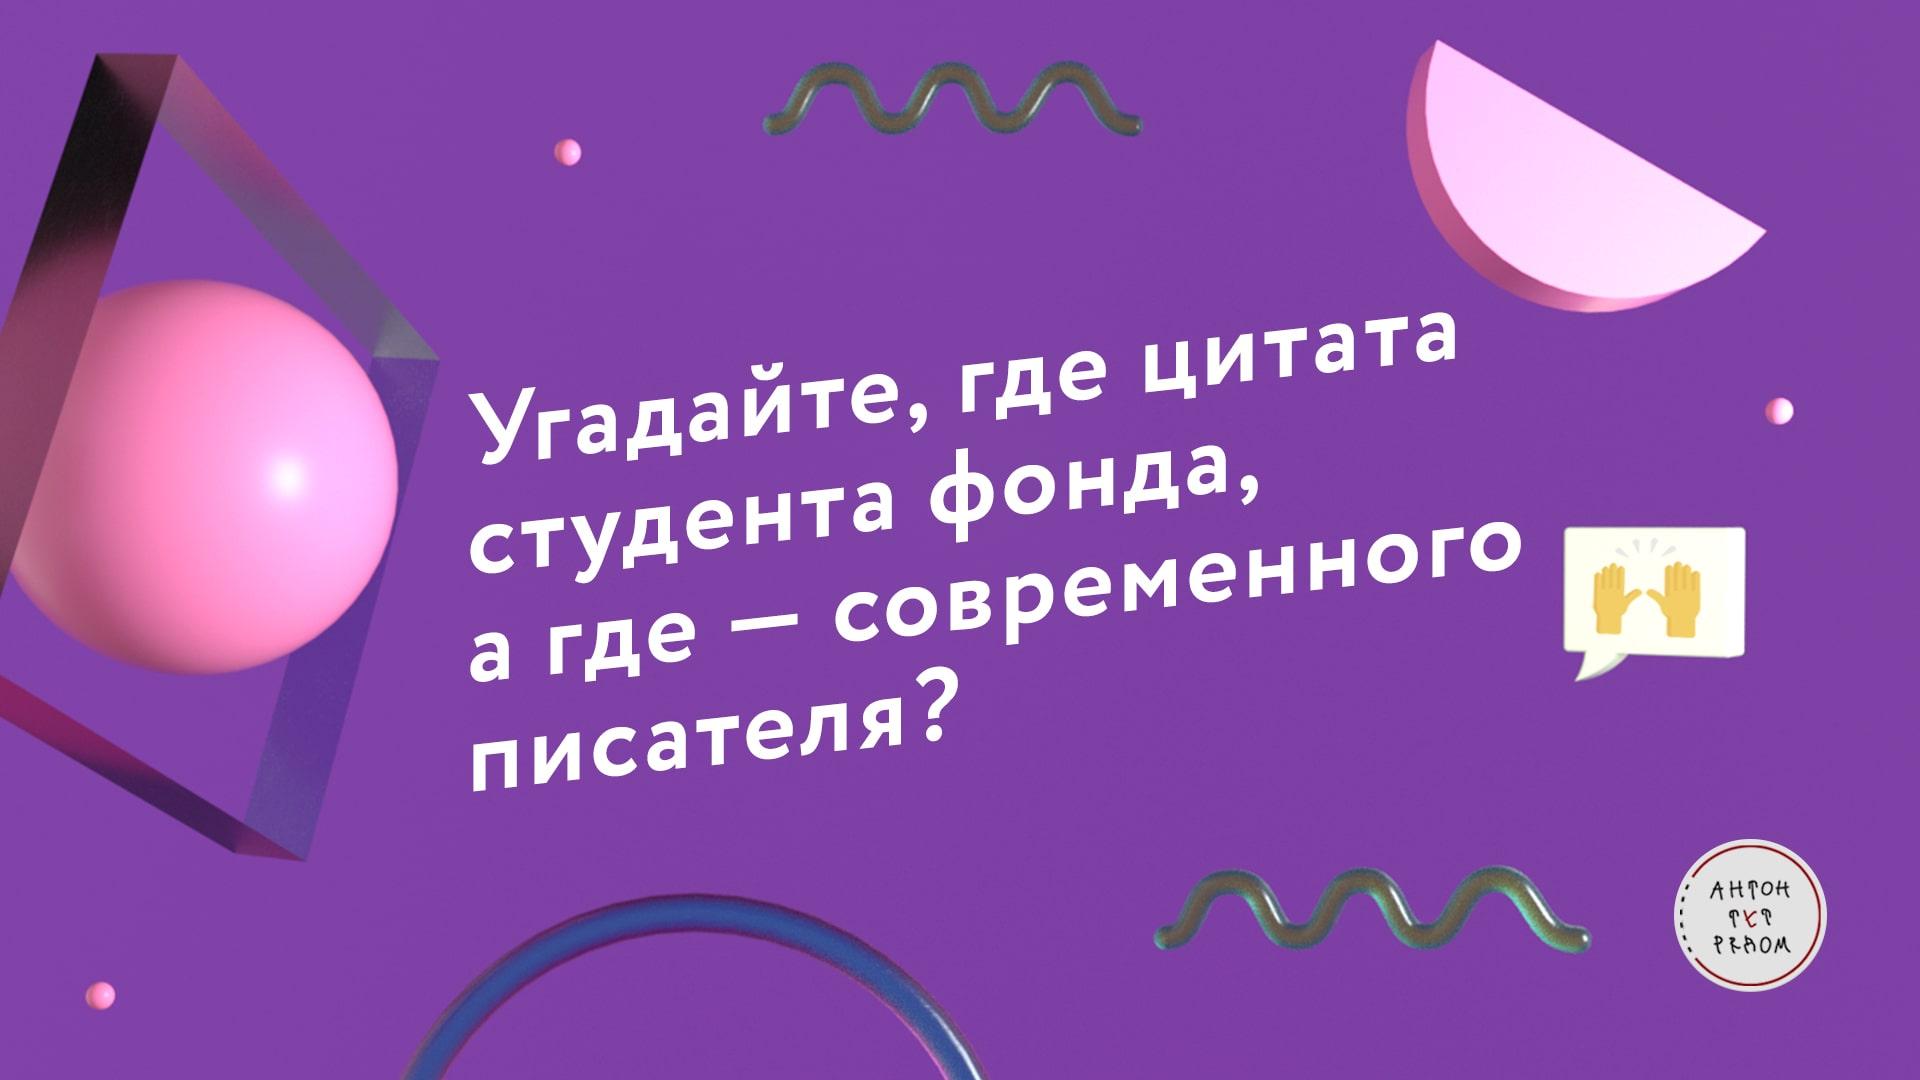 ОК и фонд «Антон тут рядом» запустили тест в поддержку людей с РАС